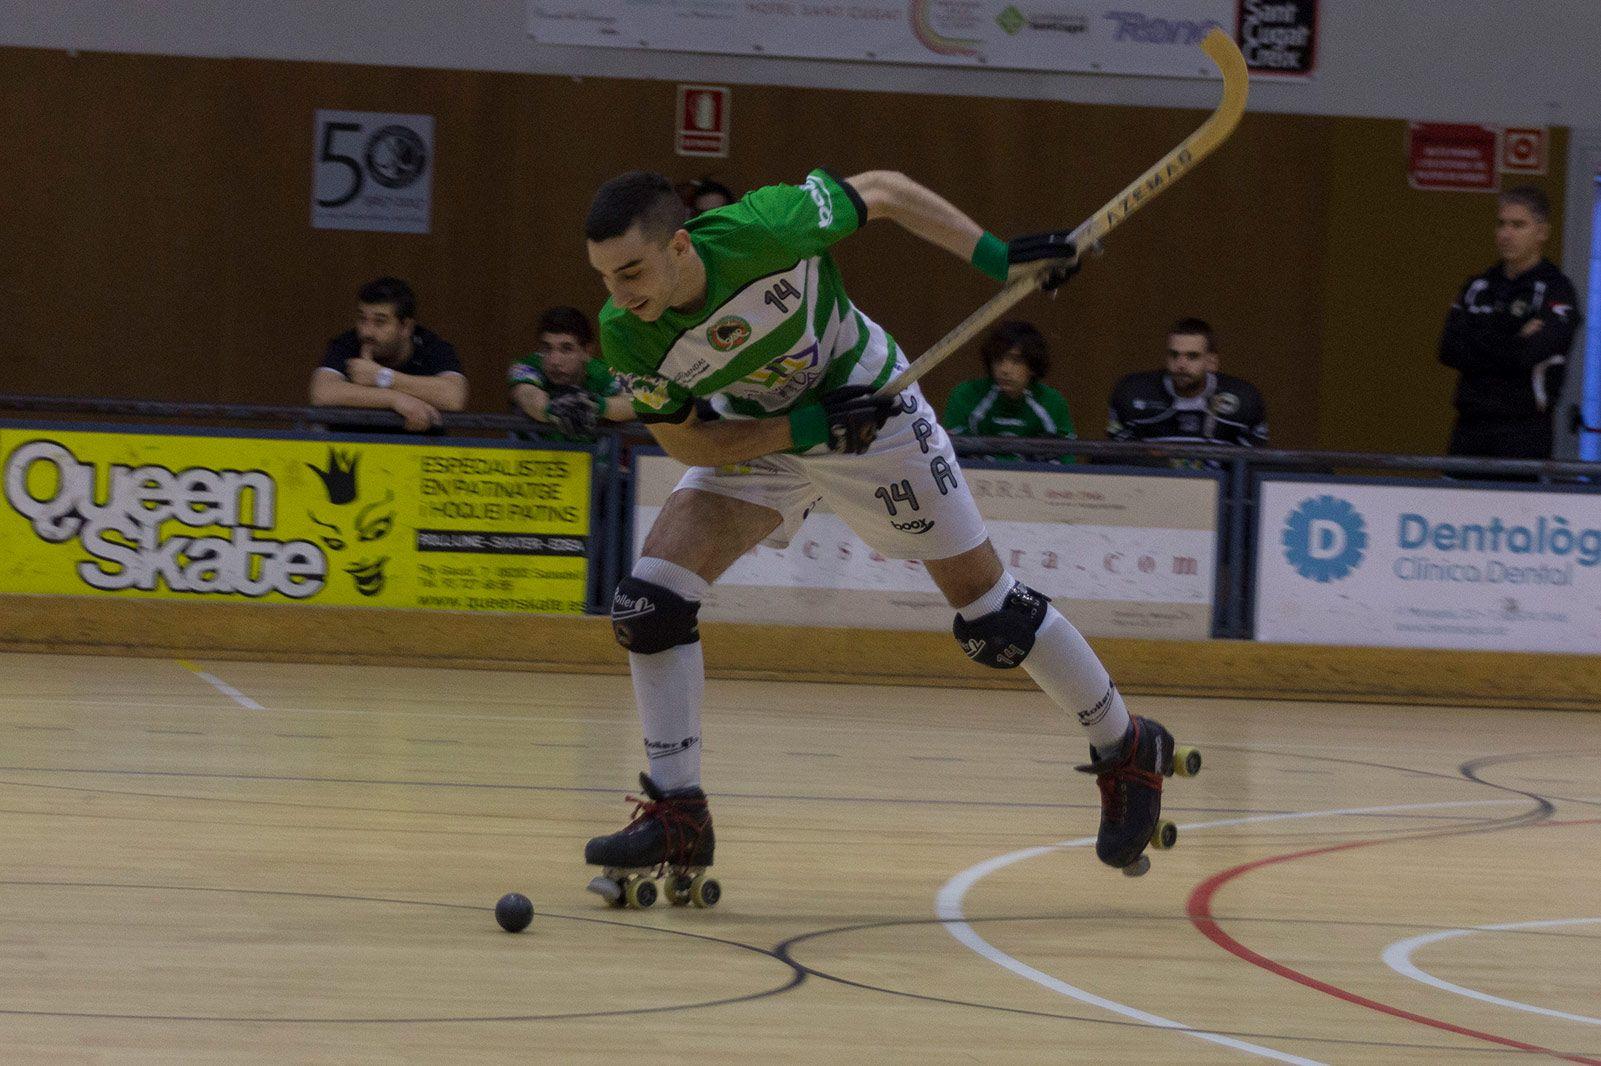 Partit de lliga PHC Sant Cugat - CP Alcobendas. FOTO: Paula Galván